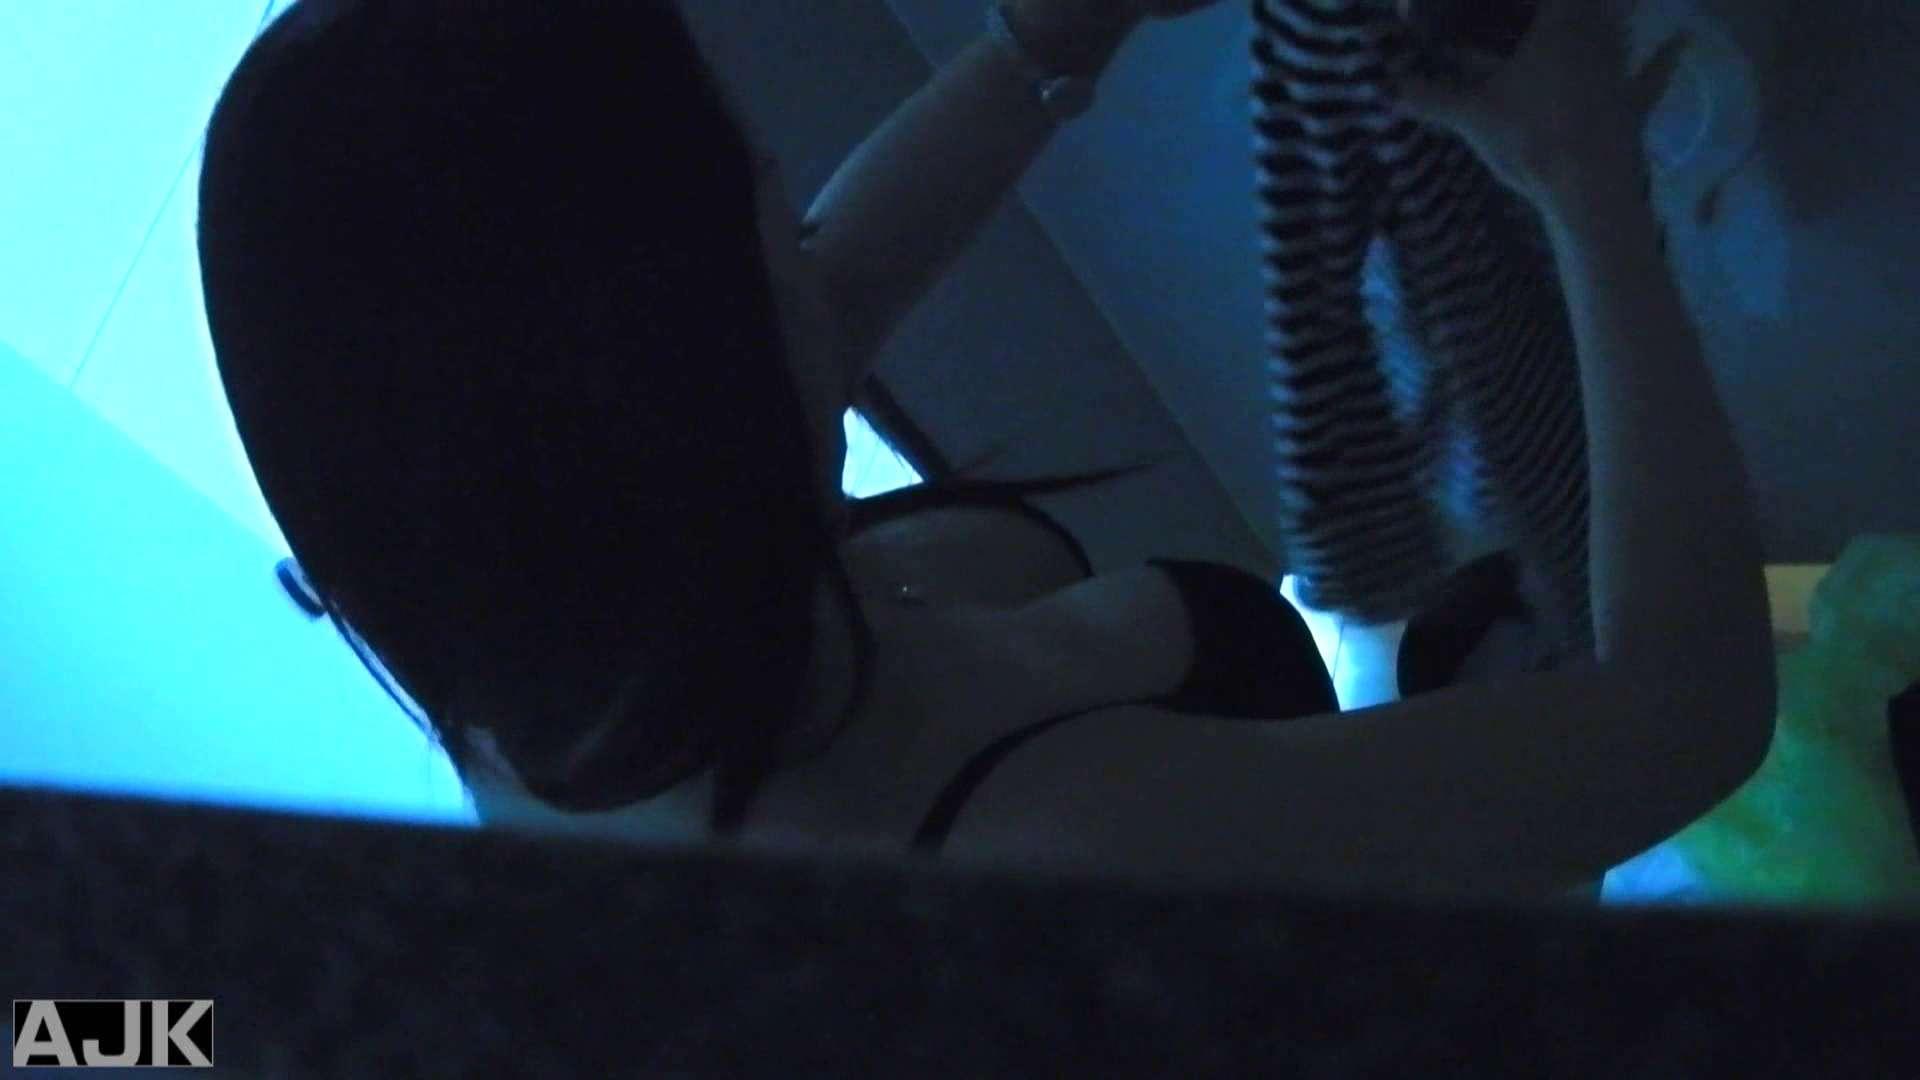 神降臨!史上最強の潜入かわや! vol.13 盗撮 アダルト動画キャプチャ 91連発 2